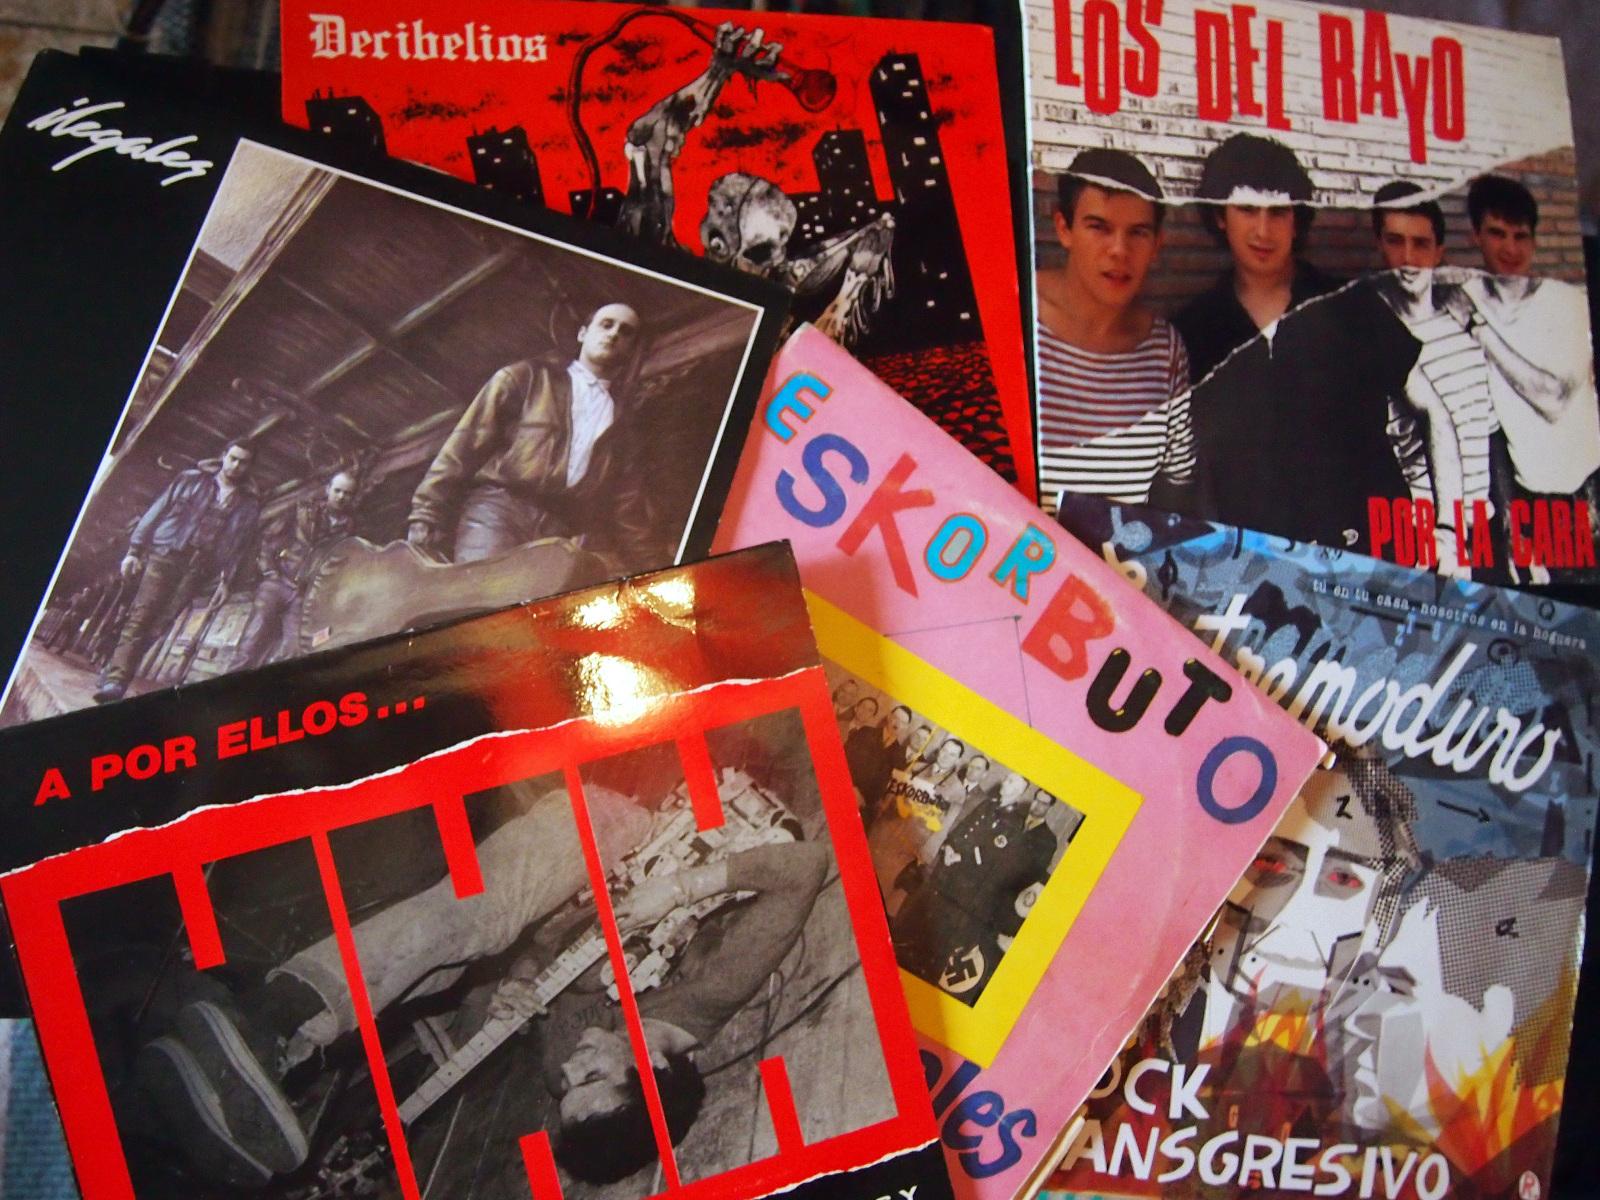 Colecciones de Discos. - Página 8 2rzwc40